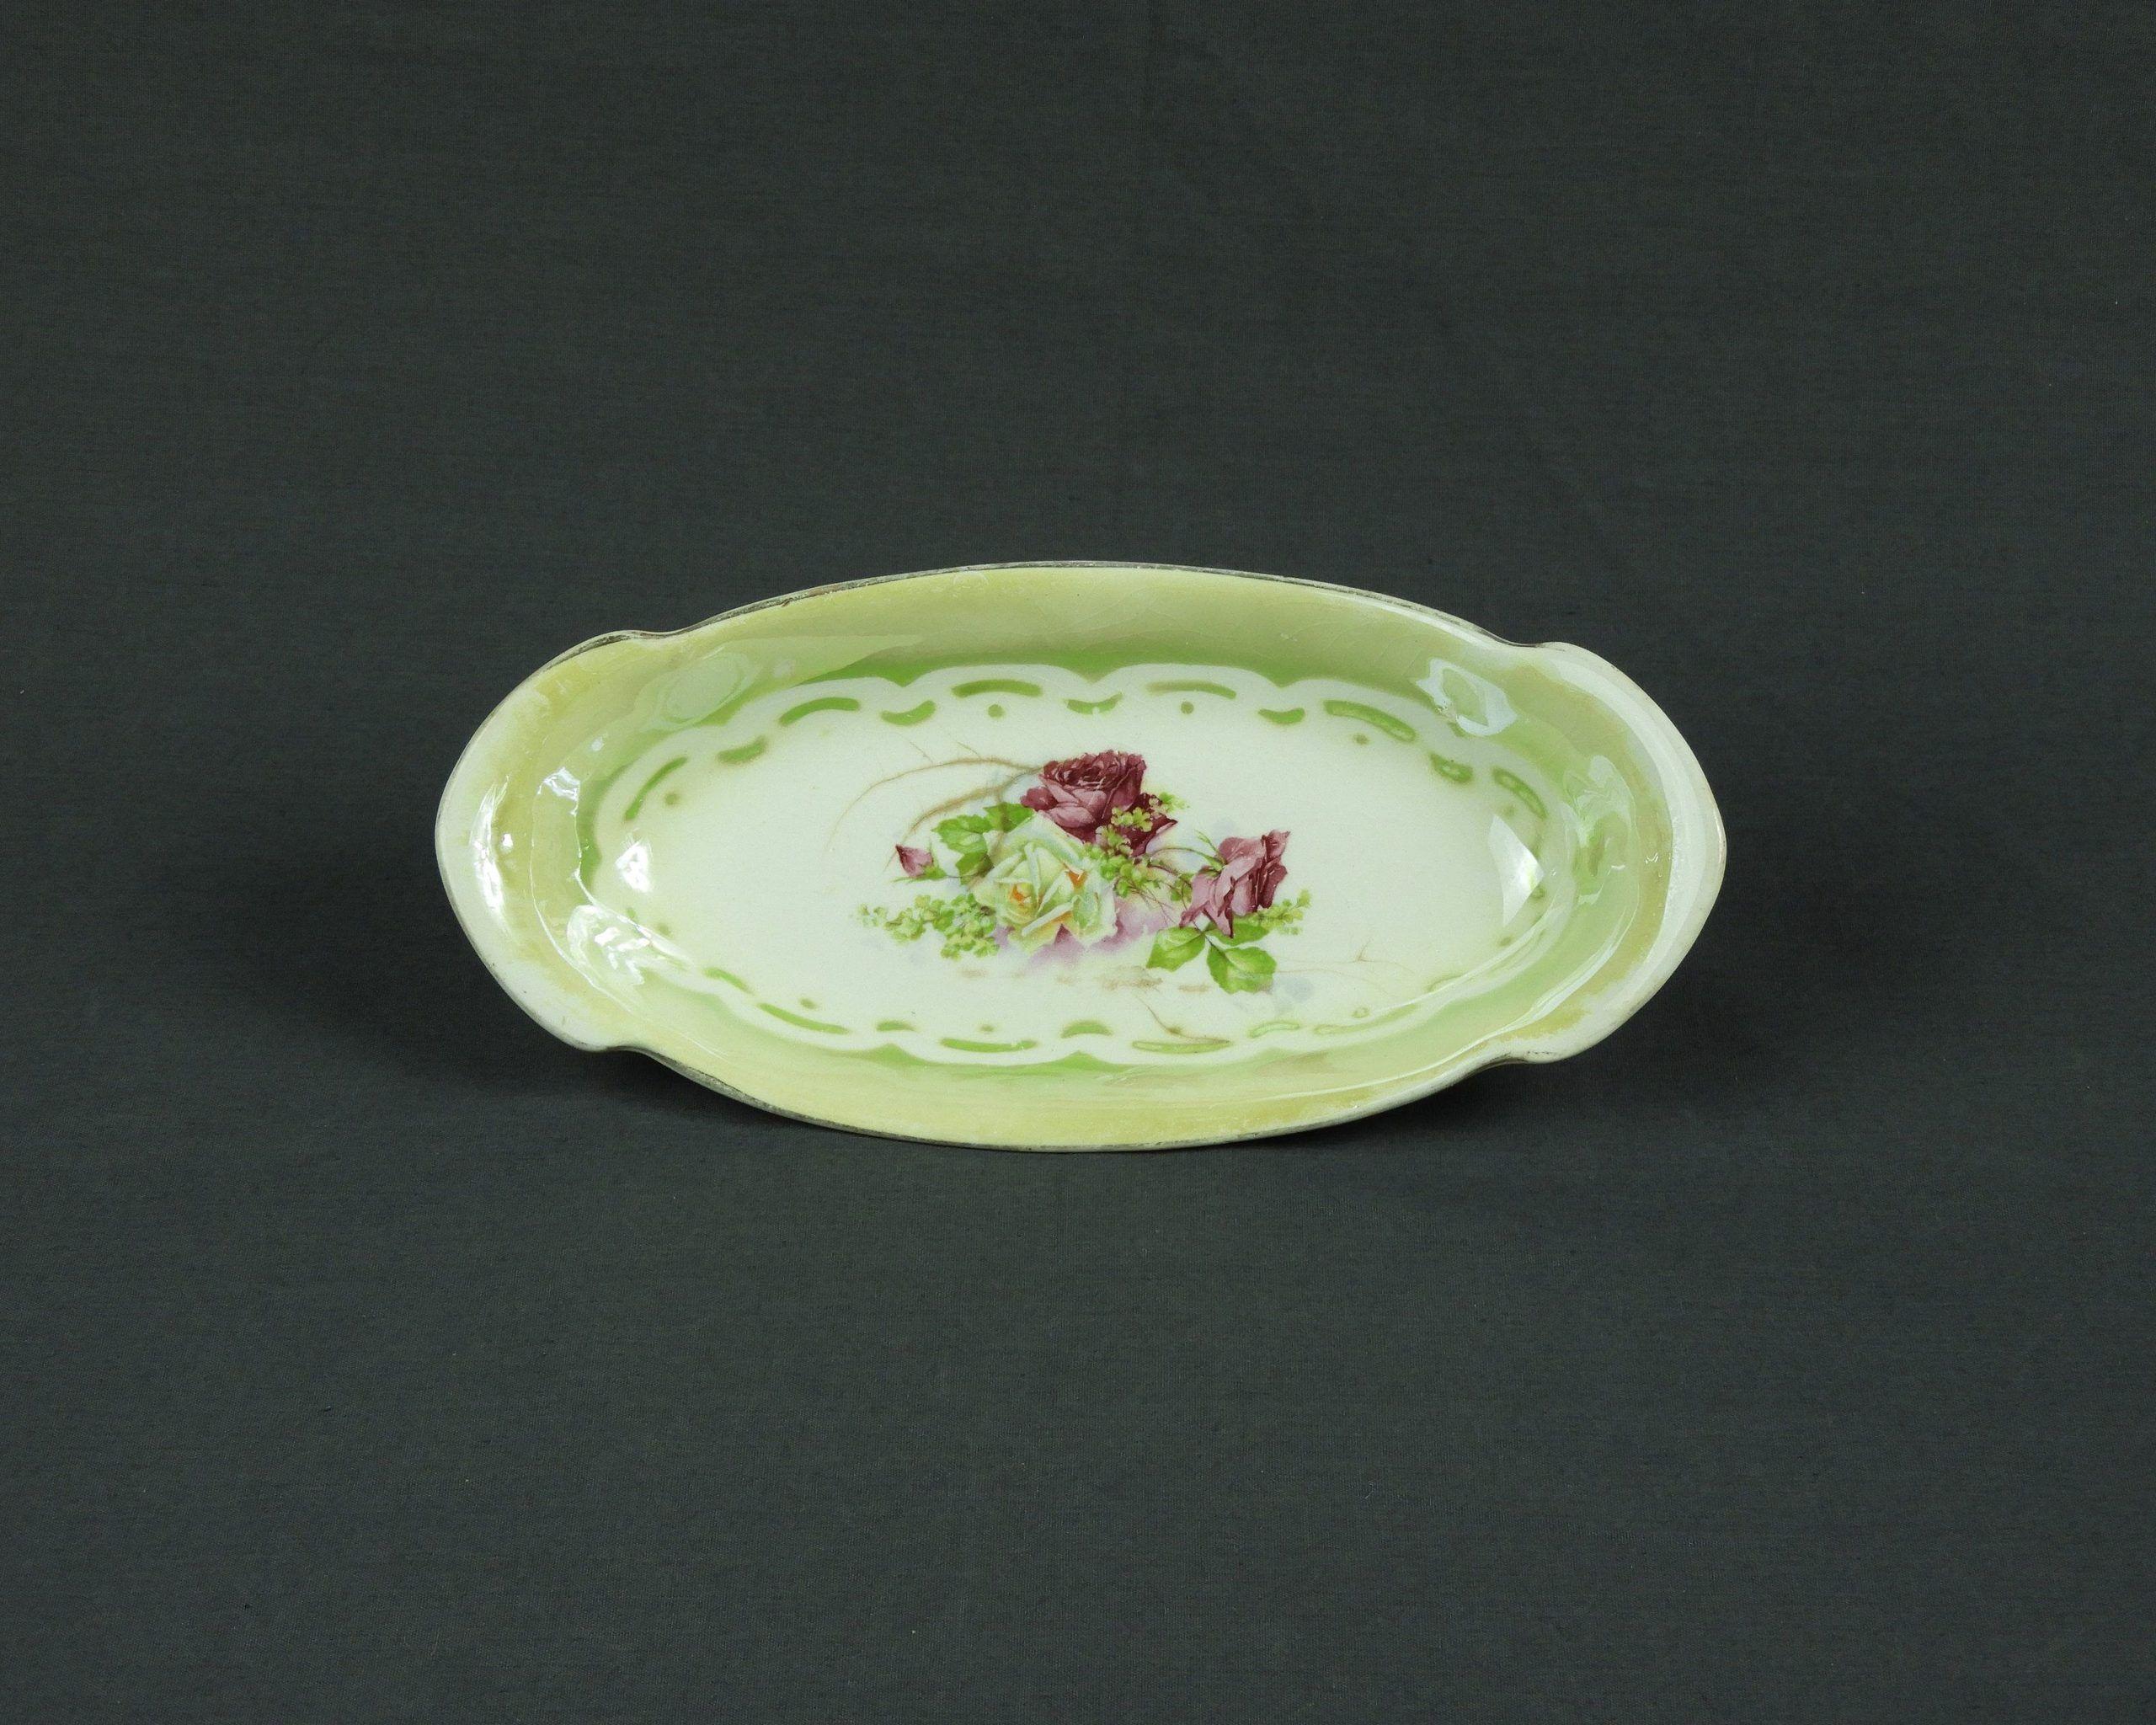 Vintage Relish Dish Rose China Transferware 2441 Chinaware Lila  Grün Sammlergeschirr Wohnkultur Hochzeitsgeschenk längliches Ovalamp